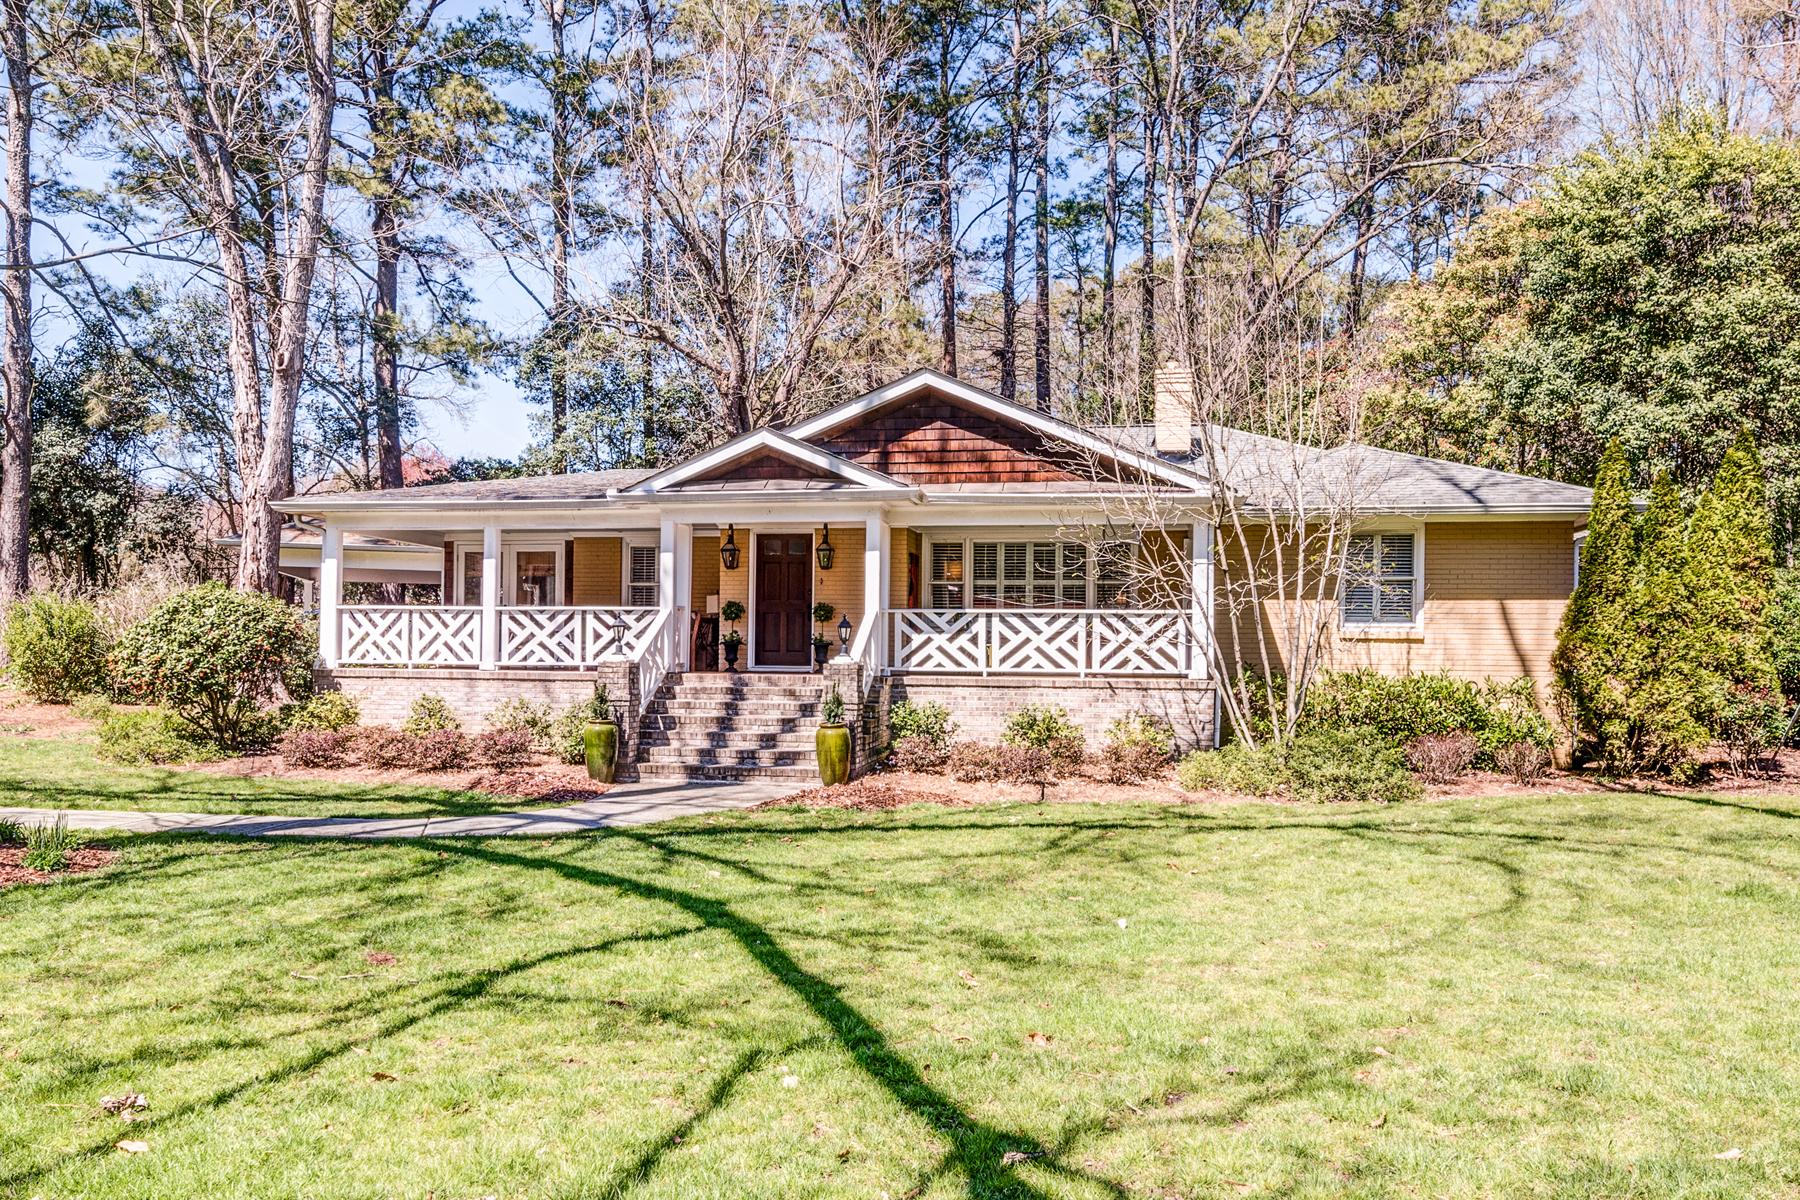 Single Family Home for Sale at 4280 Rickenbacker Way 4280 Rickenbacker Way NE Buckhead, Atlanta, Georgia, 30342 United States